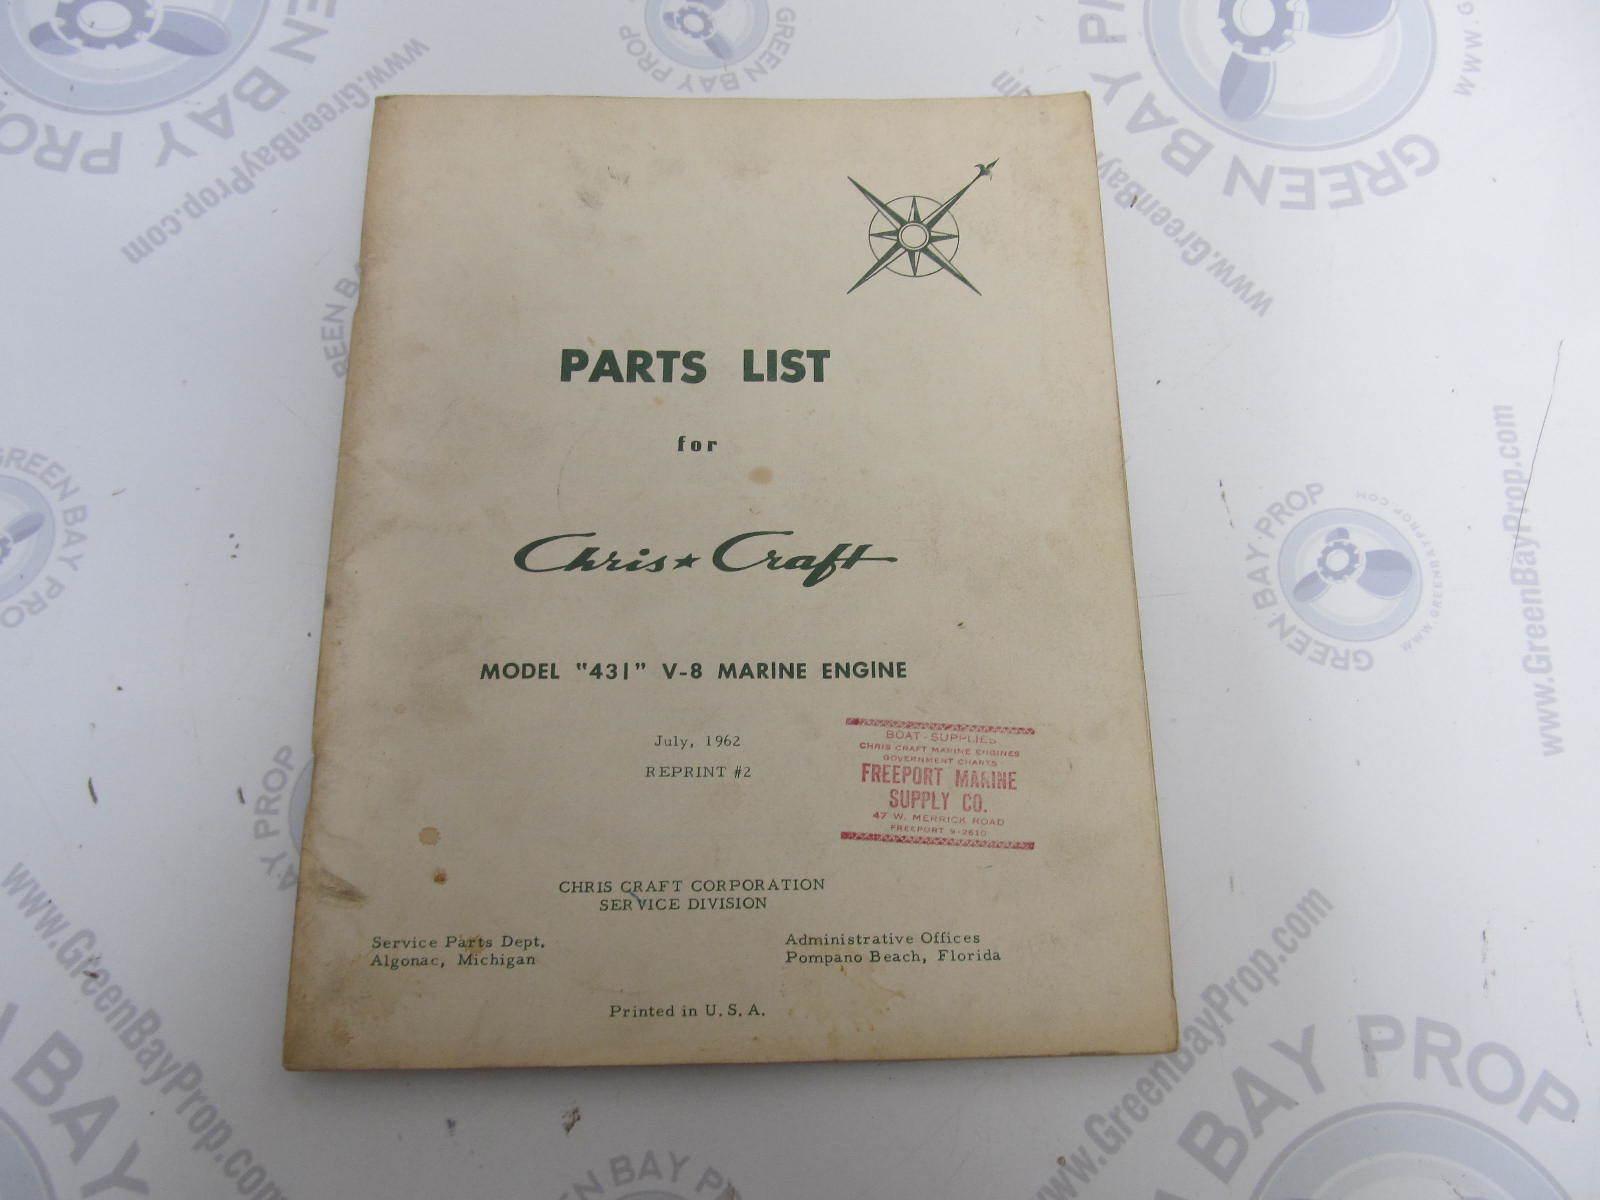 1961-1962 chris craft model 431 v-8 parts list catalog reprint #2   green  bay propeller & marine llc